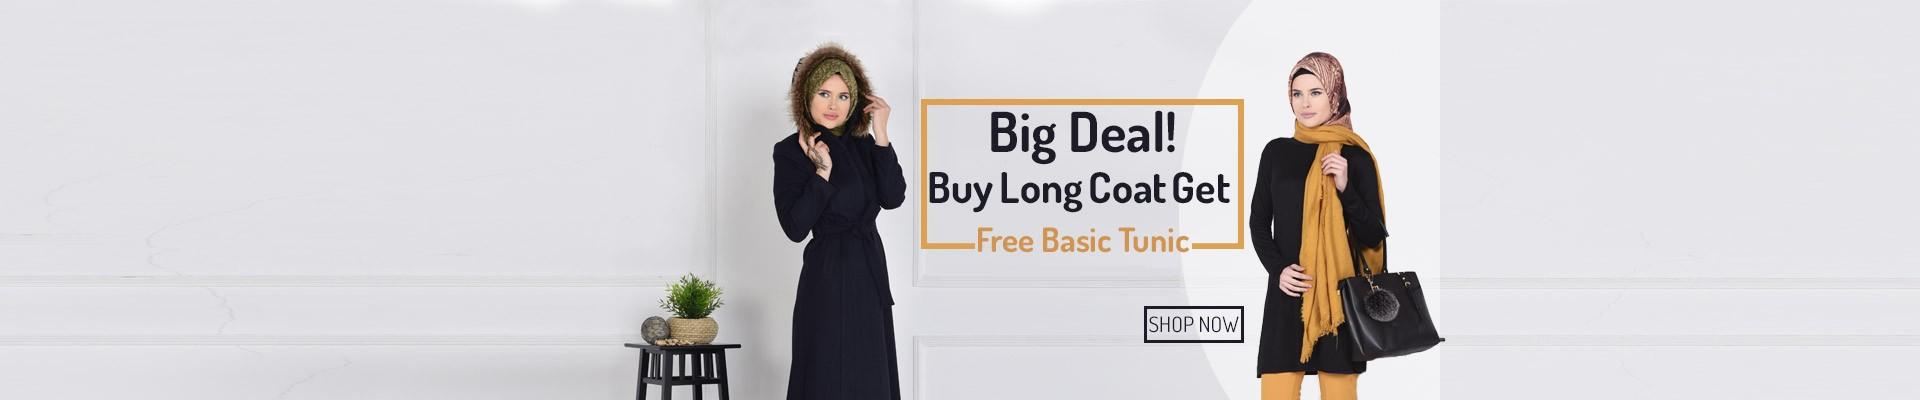 LongCoat Deal